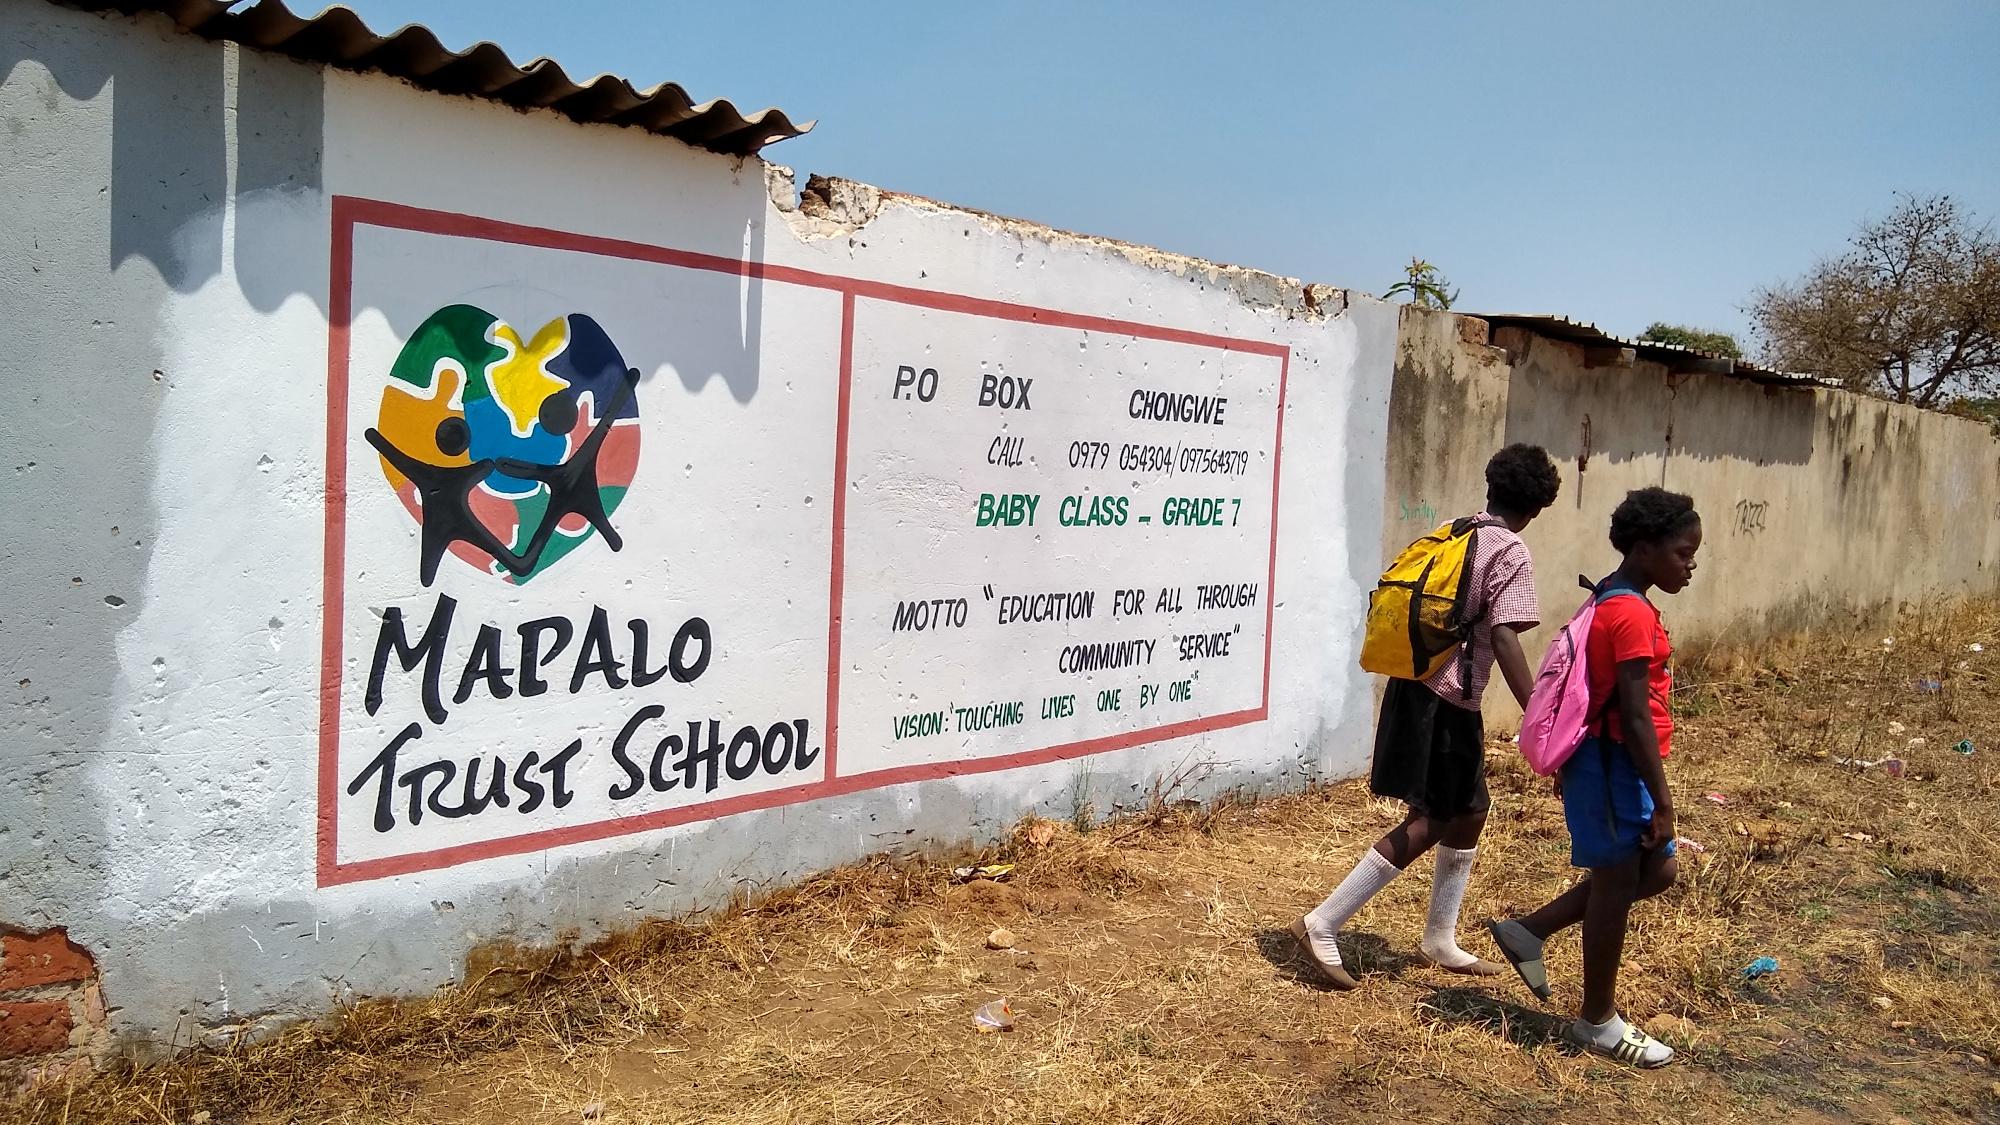 Mapalo Trust School